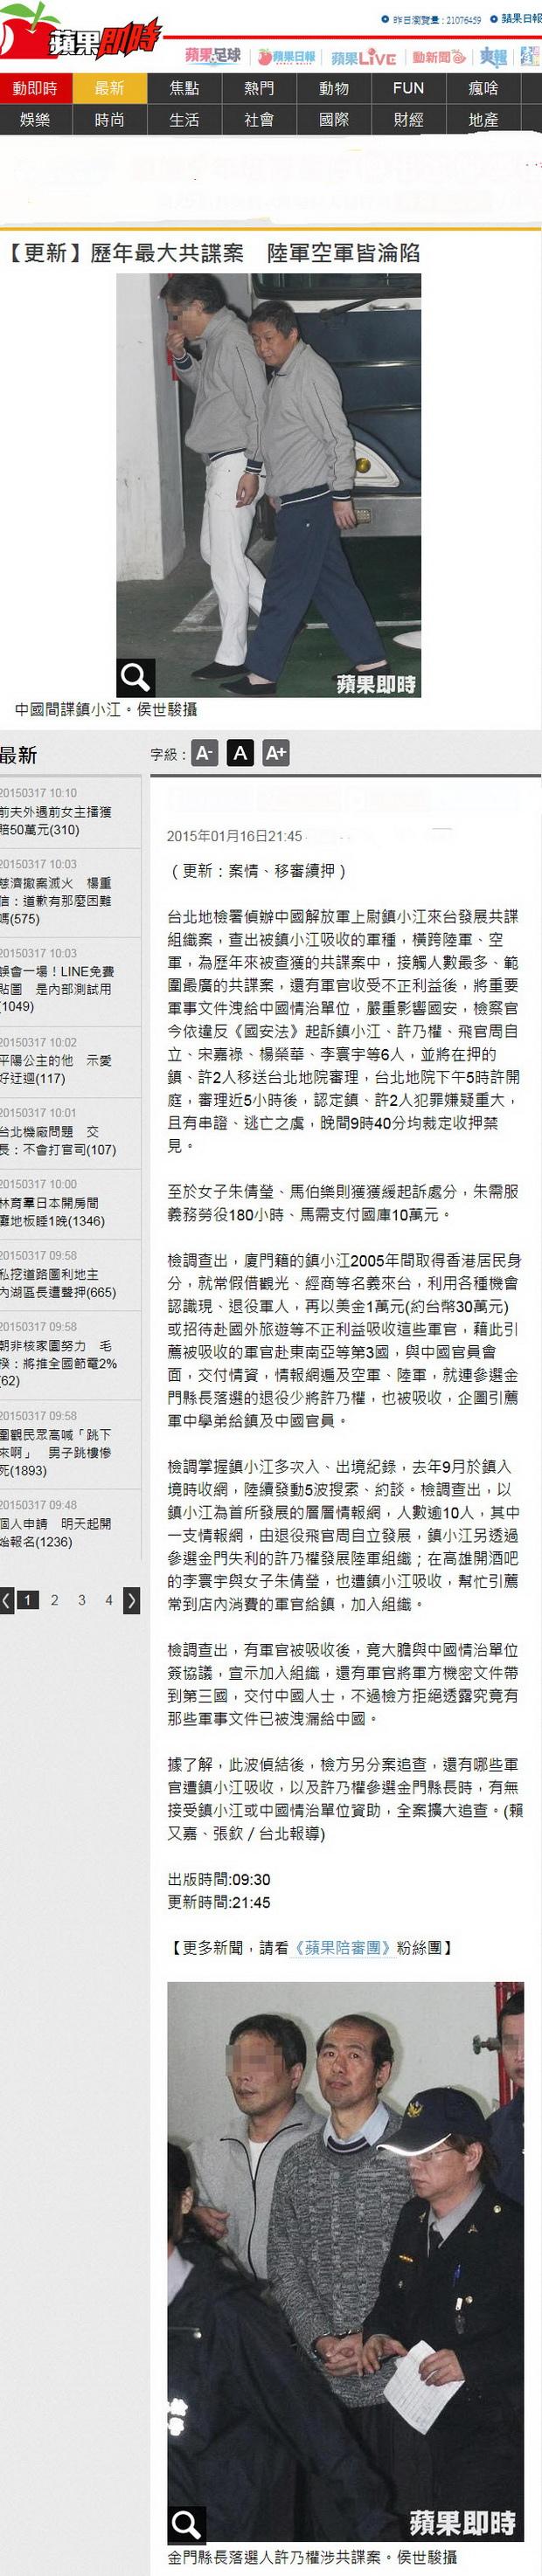 歷年最大共諜案 陸軍空軍皆淪陷-2015.01.16.jpg